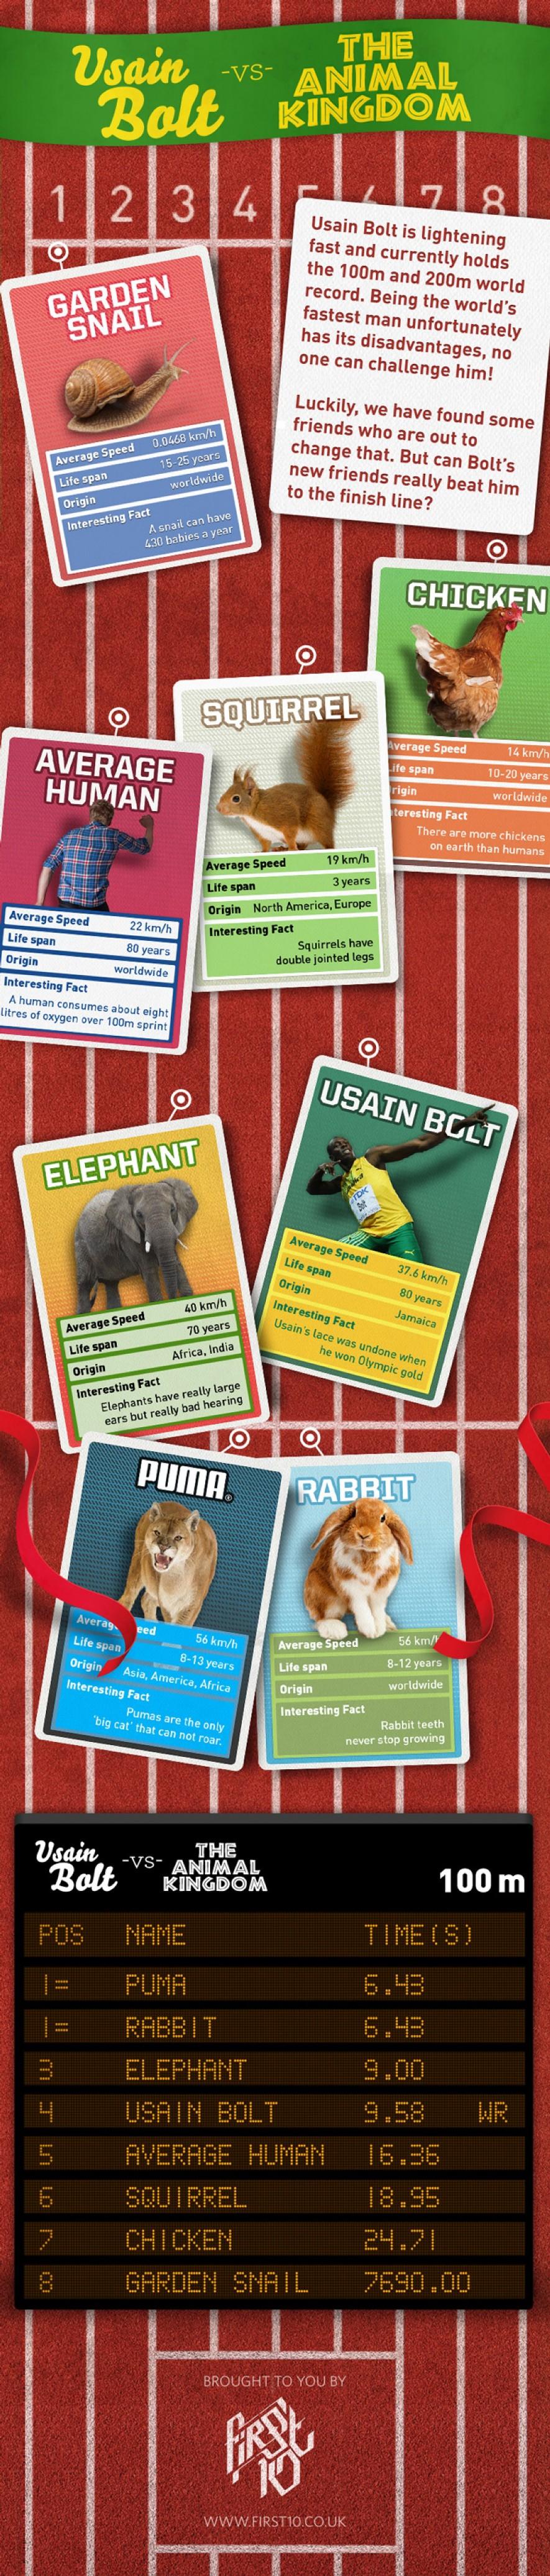 7. Usain bolt vs. Animal Kingdom